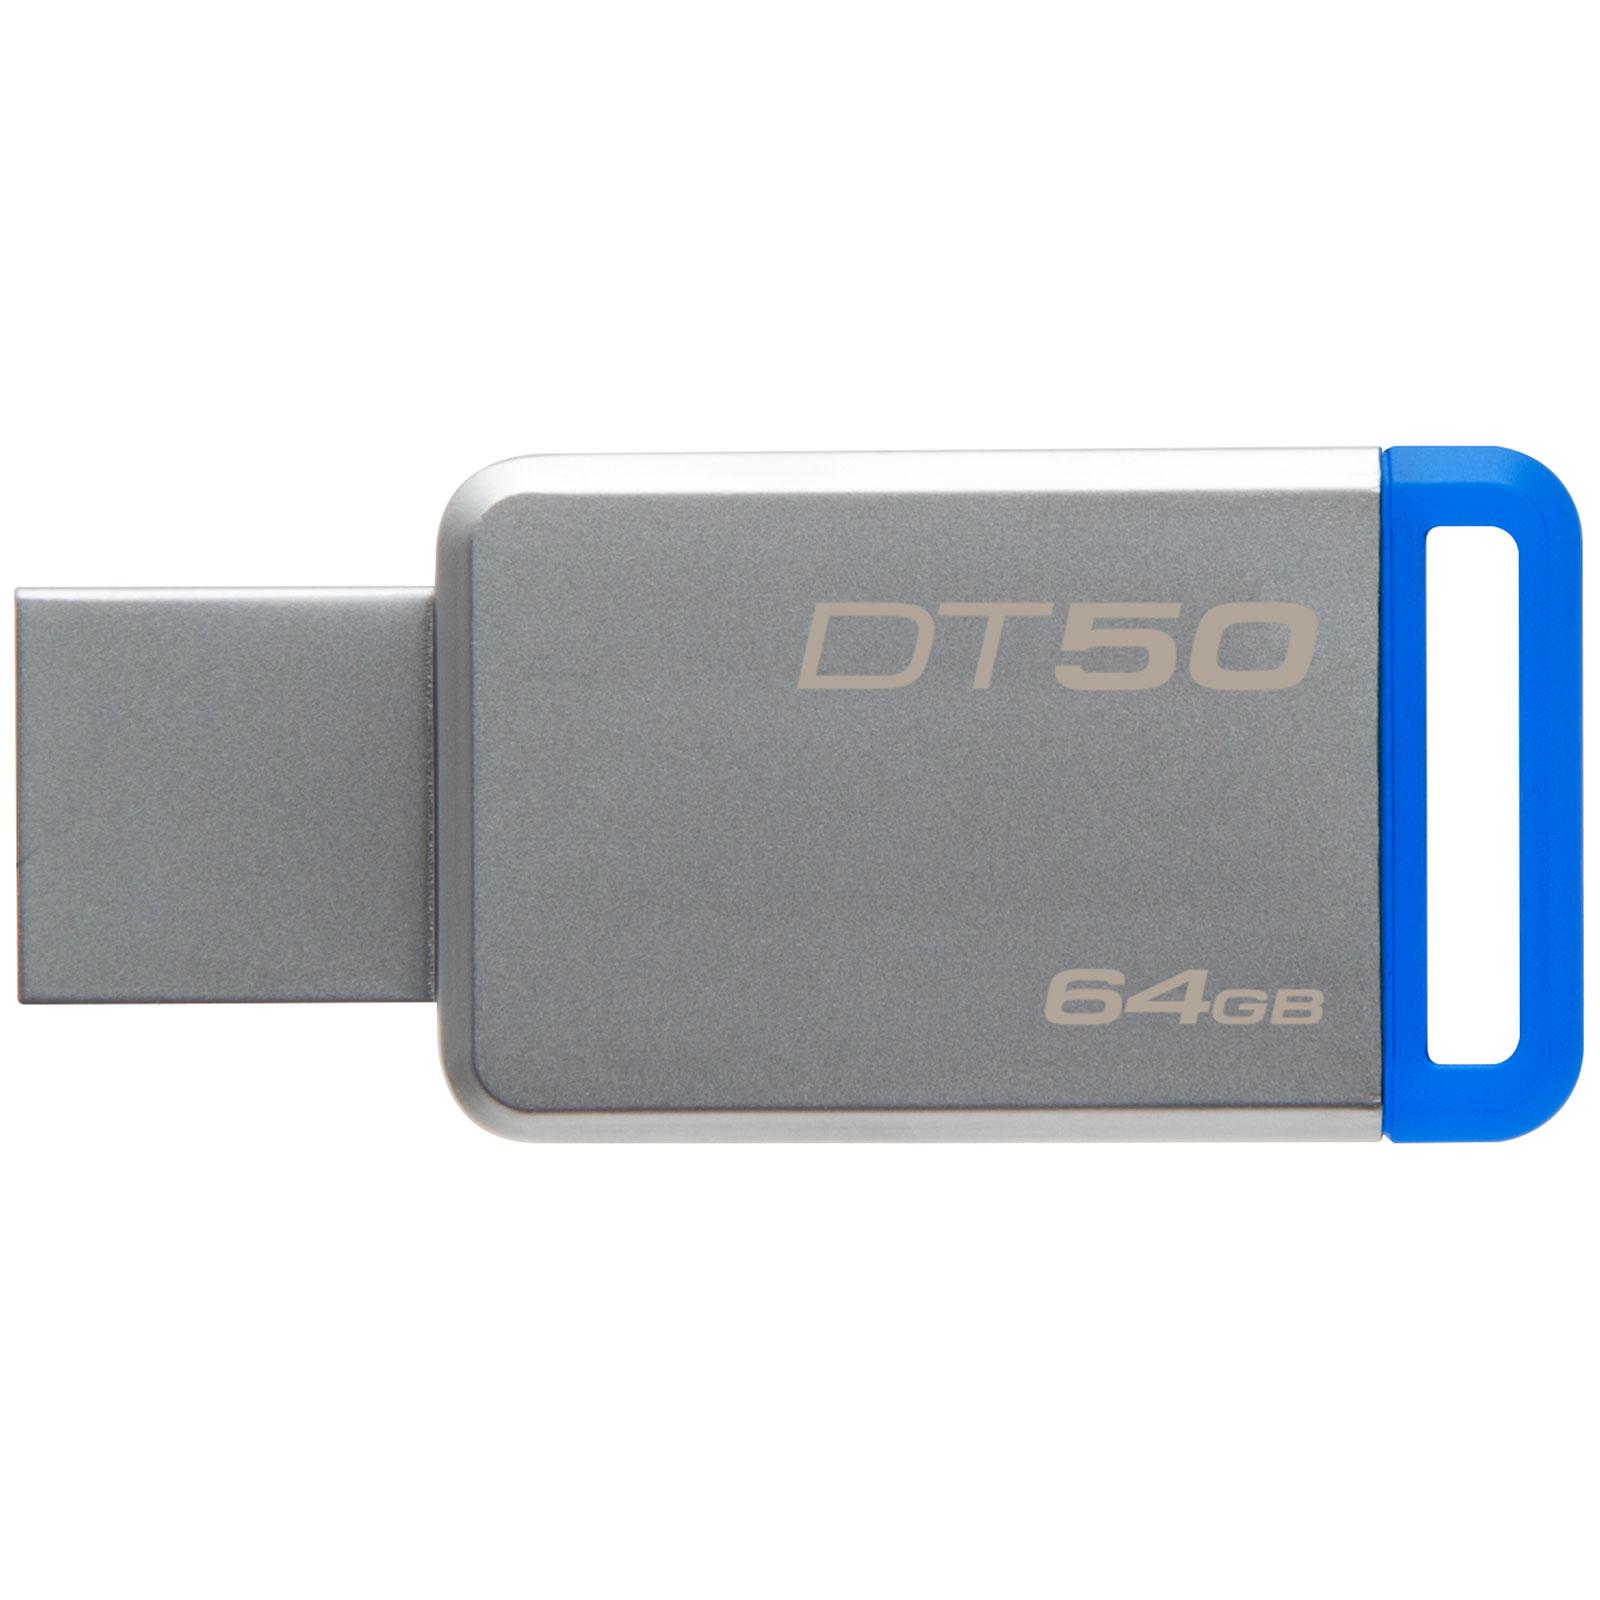 Kingston Clé 64Go USB 3.1 DT50/64GB (DT50/64GB) - Achat / Vente Clé USB sur Cybertek.fr - 1